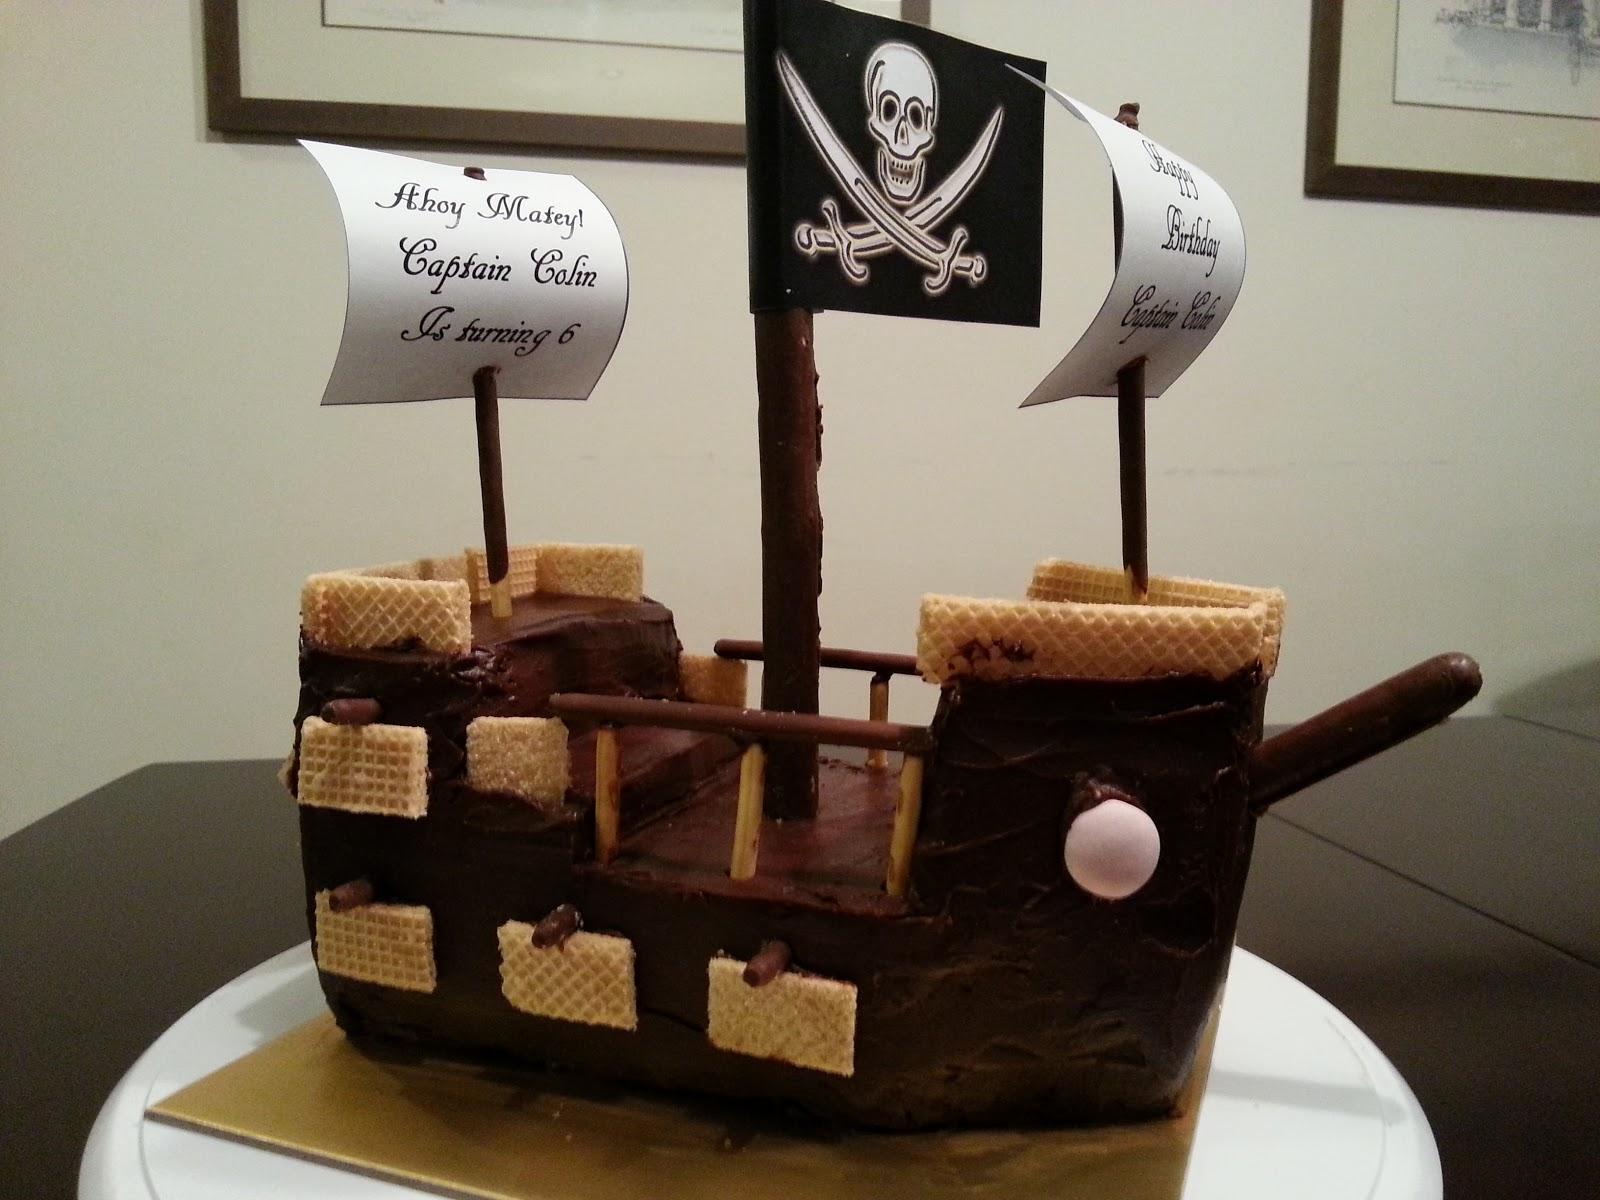 Hanis Kitchen Pirate Ship Birthday Cake